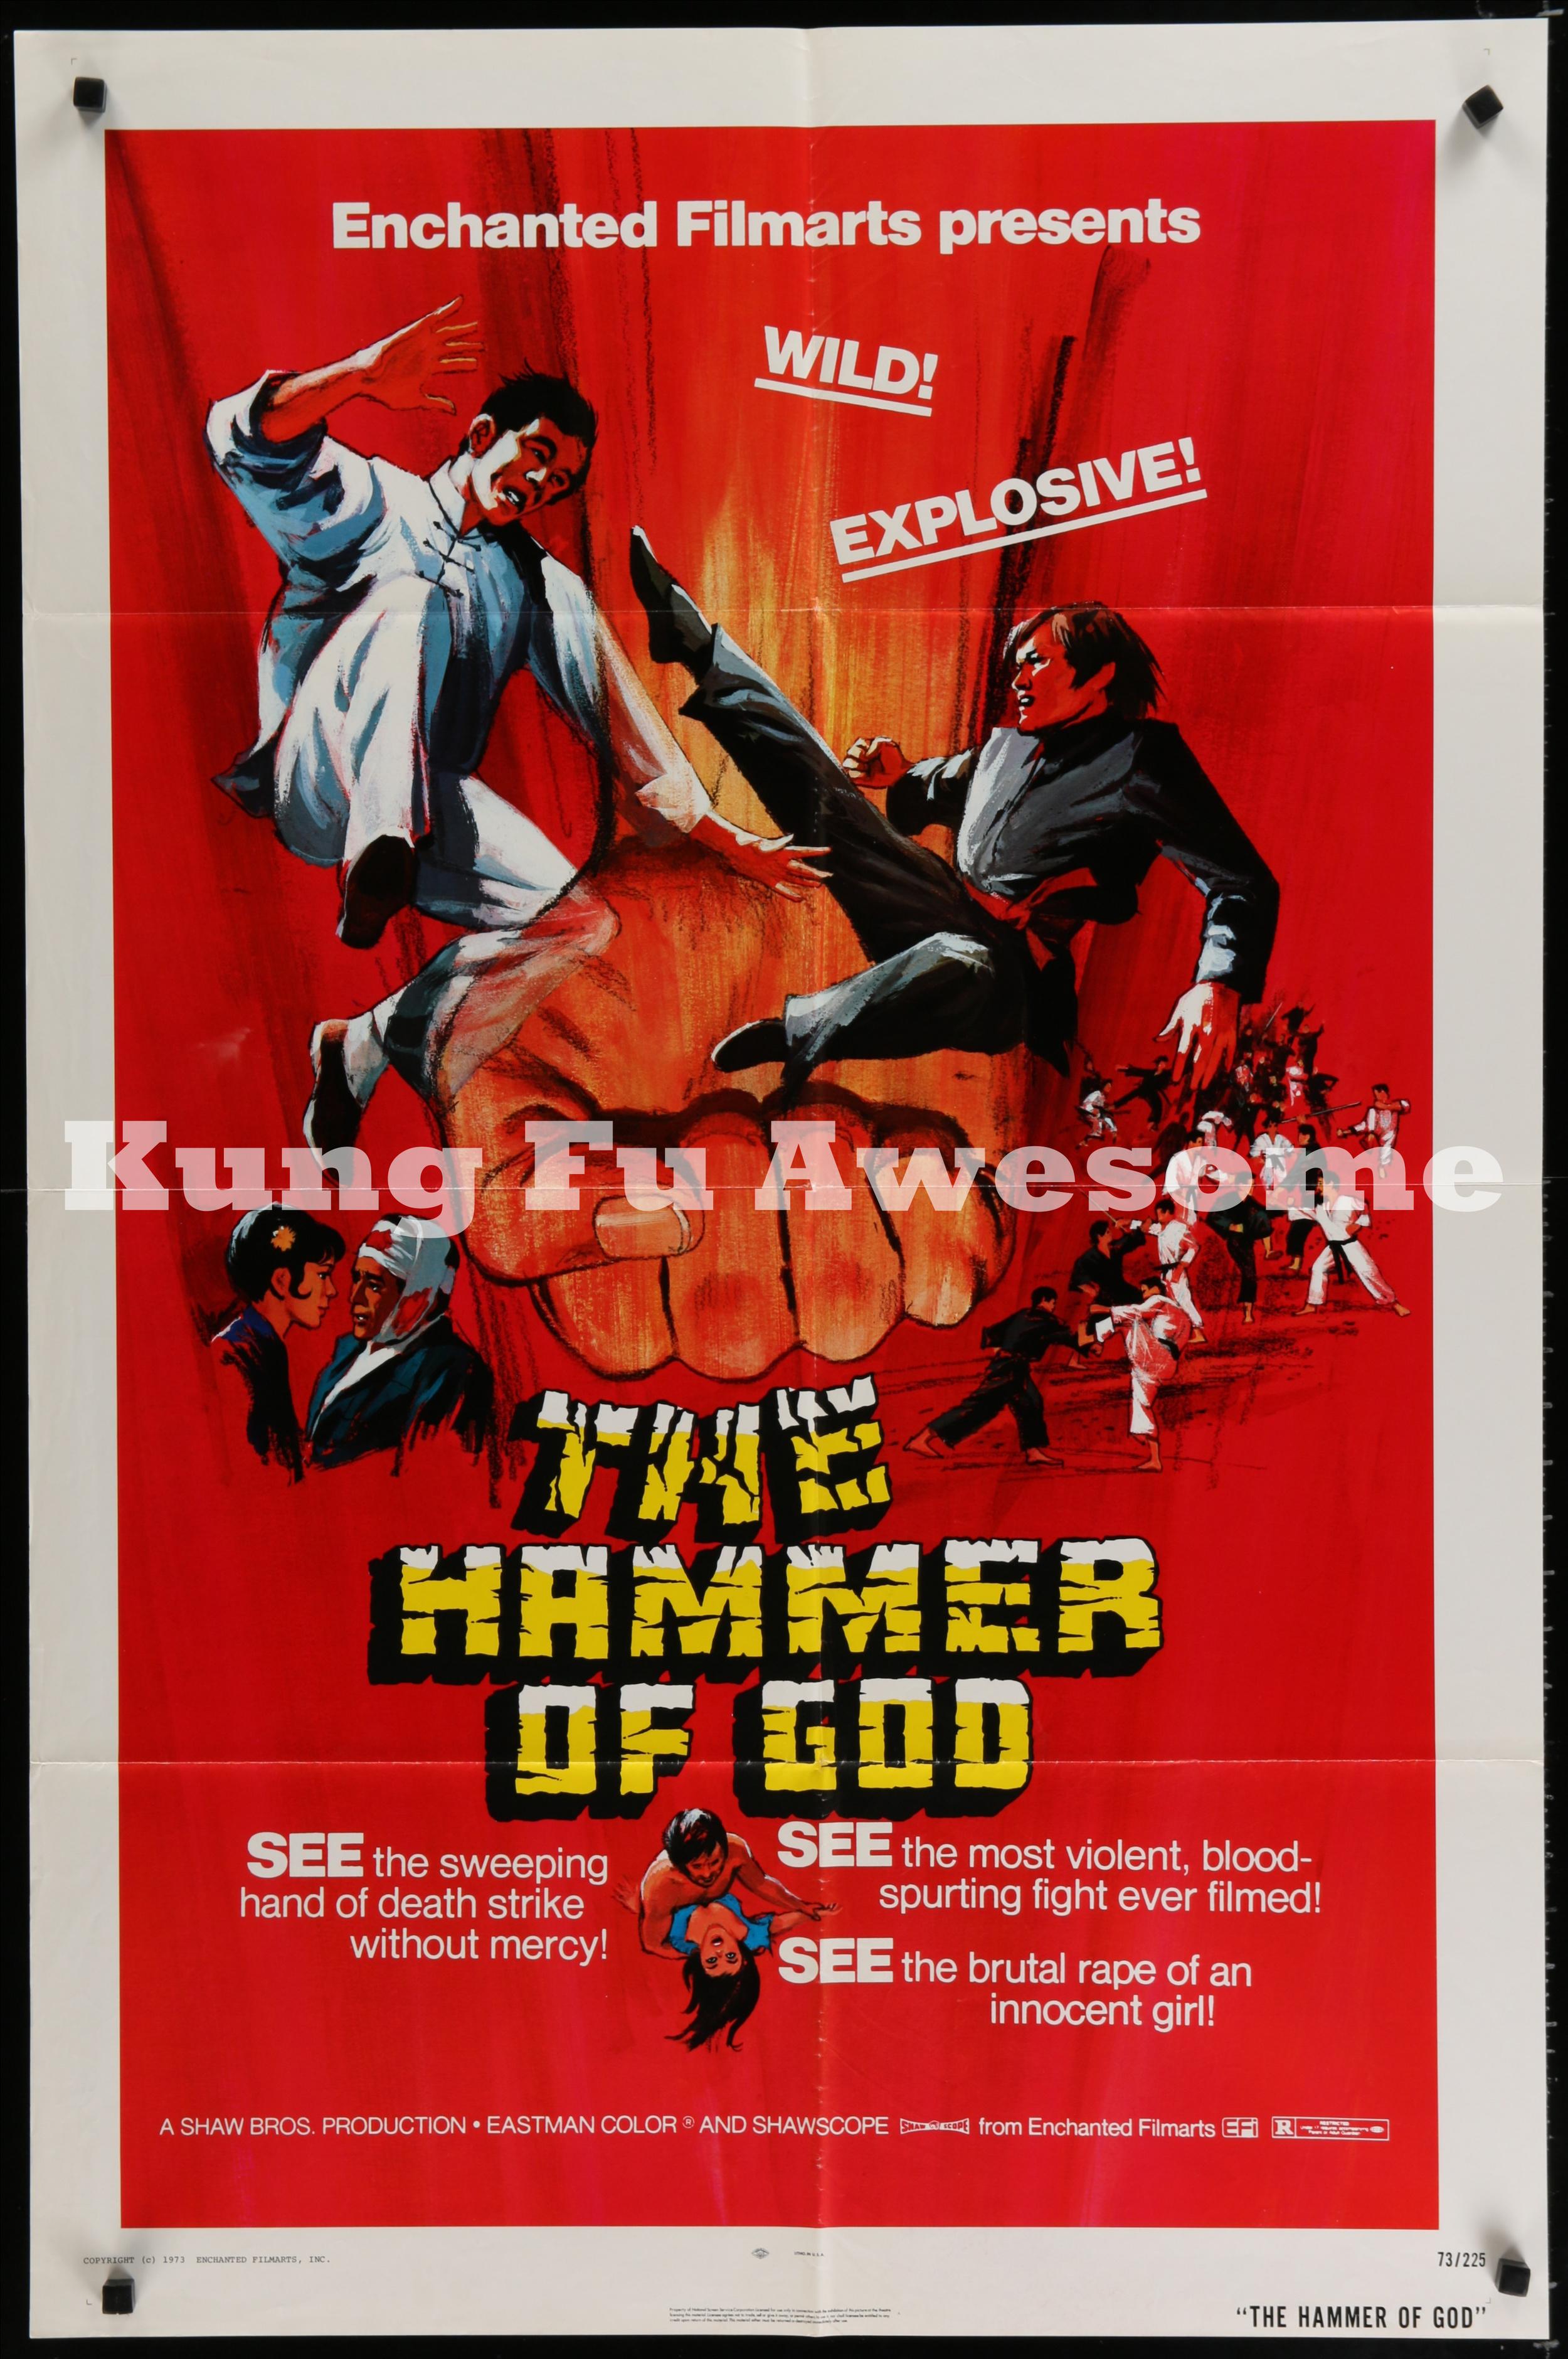 hammer_of_god_JC10641_C.jpg